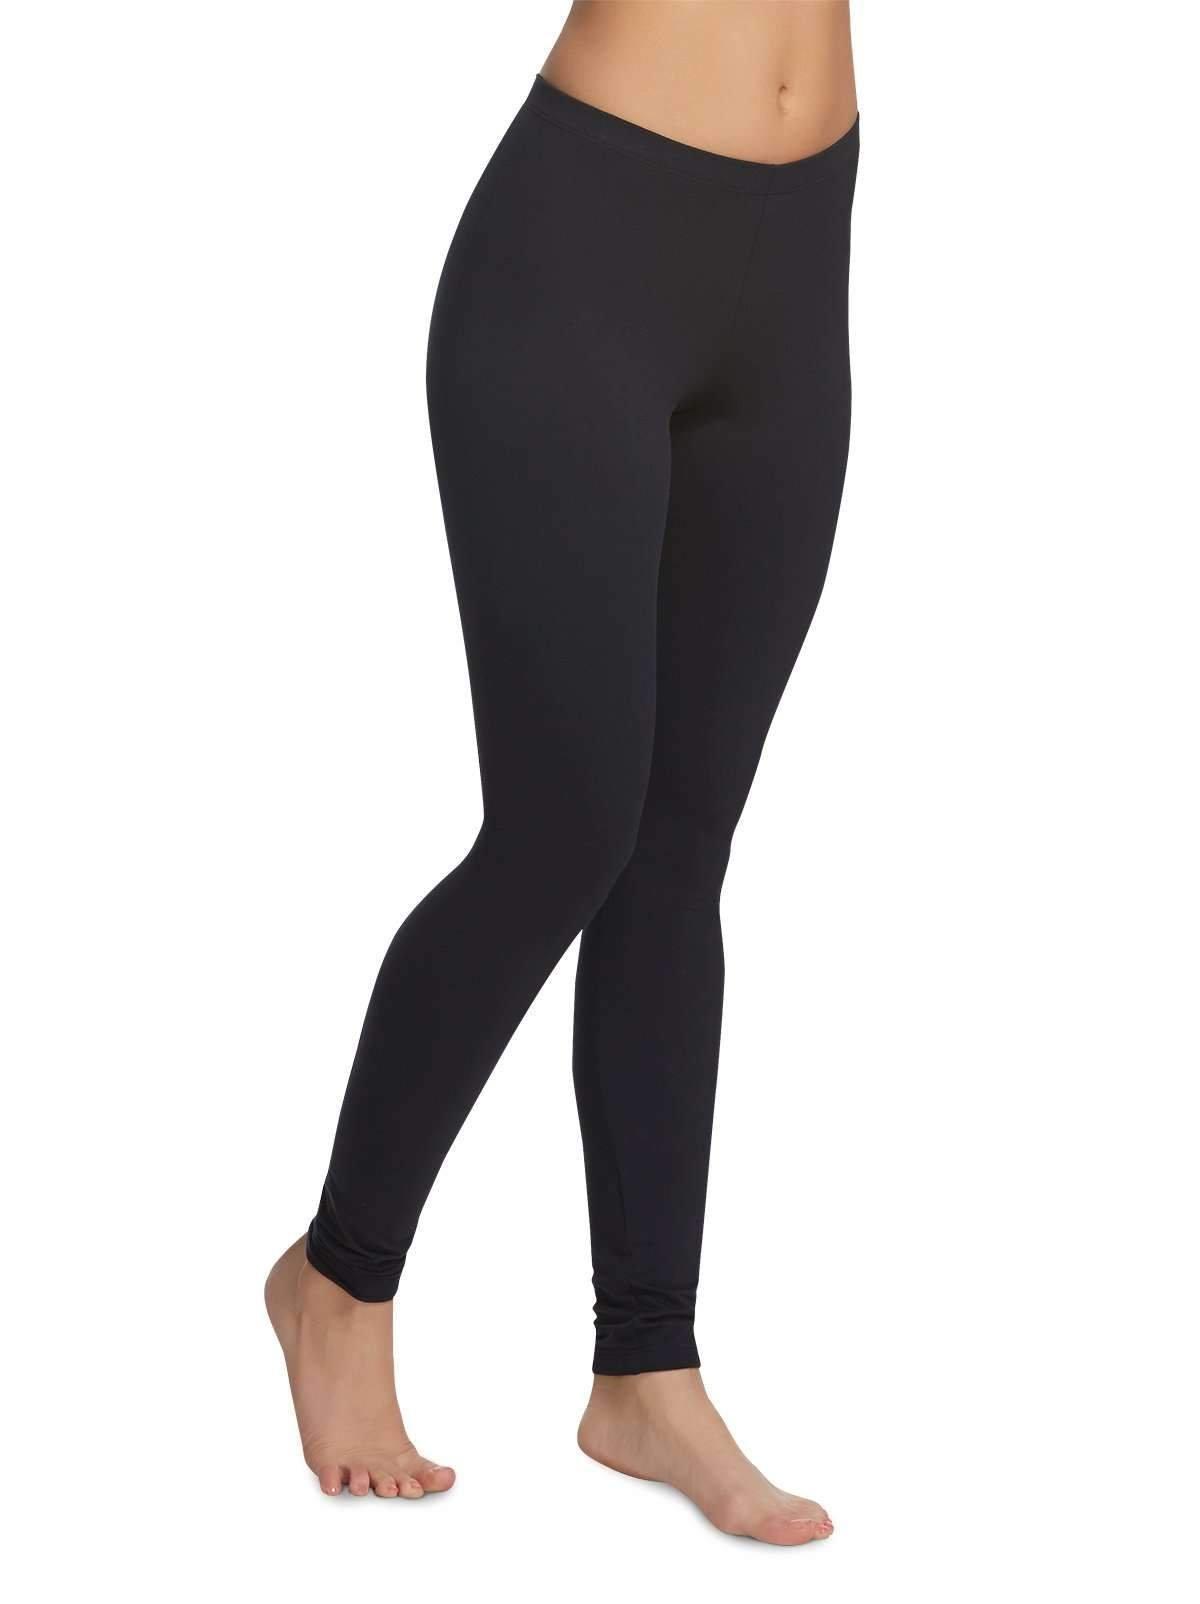 Best Rated in Women's Leggings & Helpful Customer Reviews